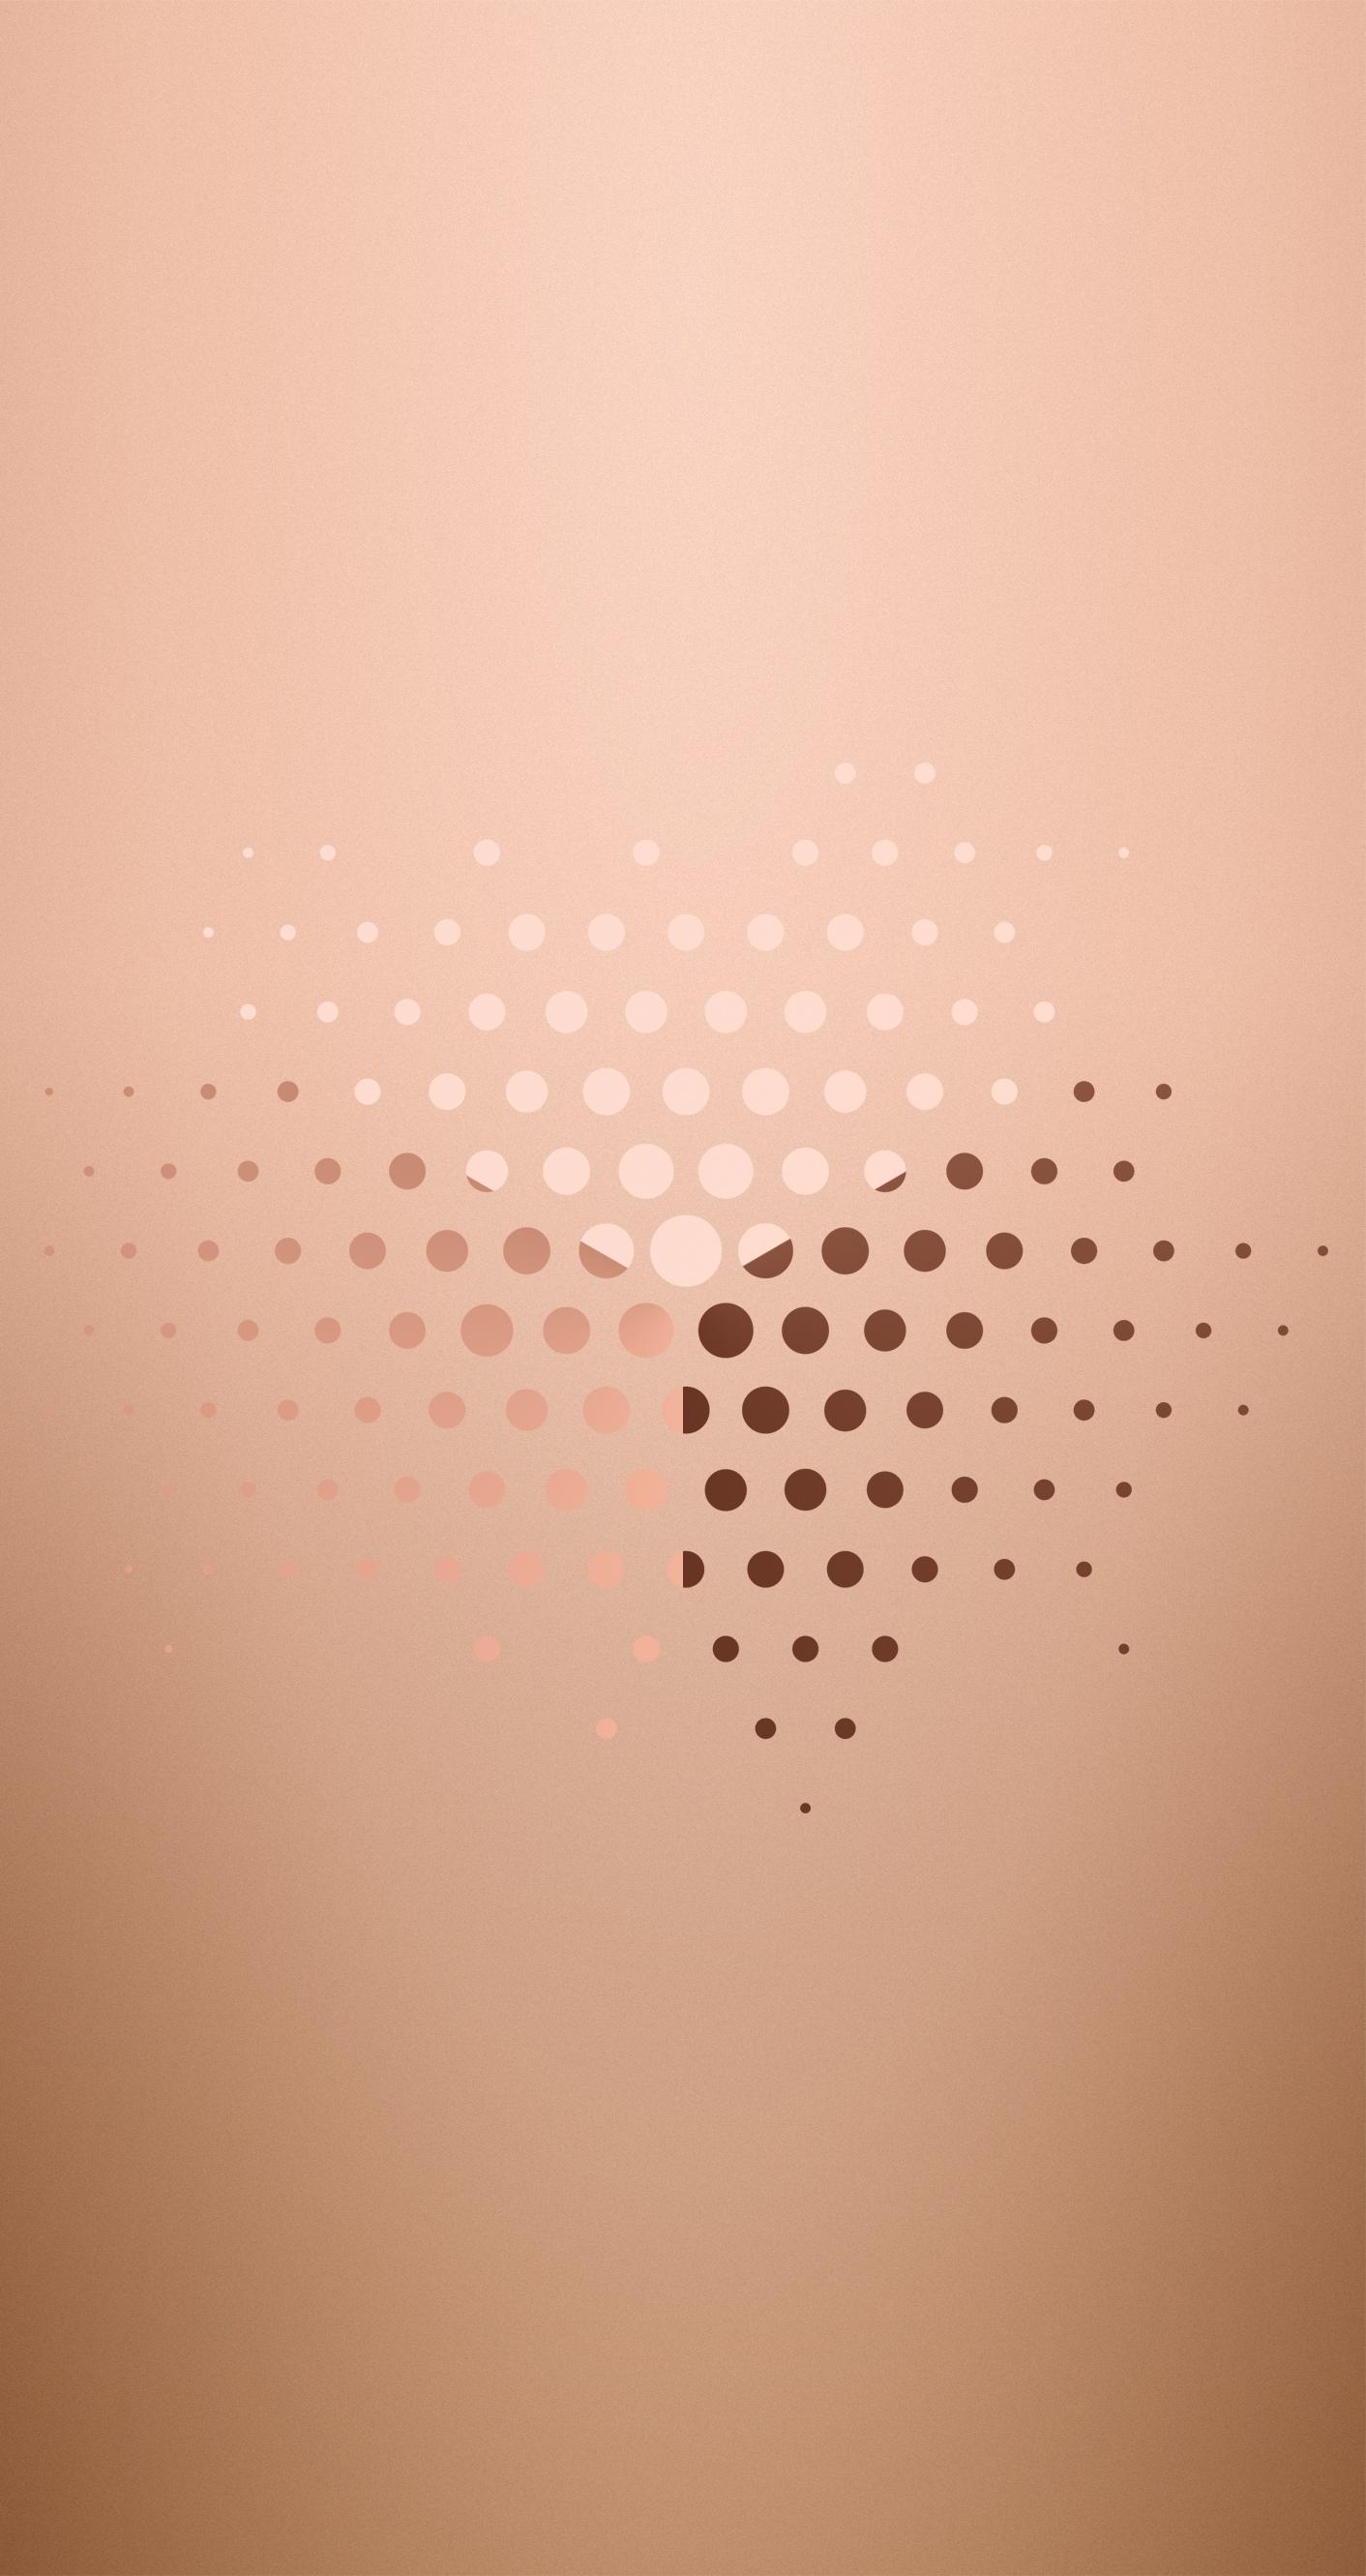 41 rose gold iphone wallpaper on wallpapersafari - Rose gold glitter iphone wallpaper ...